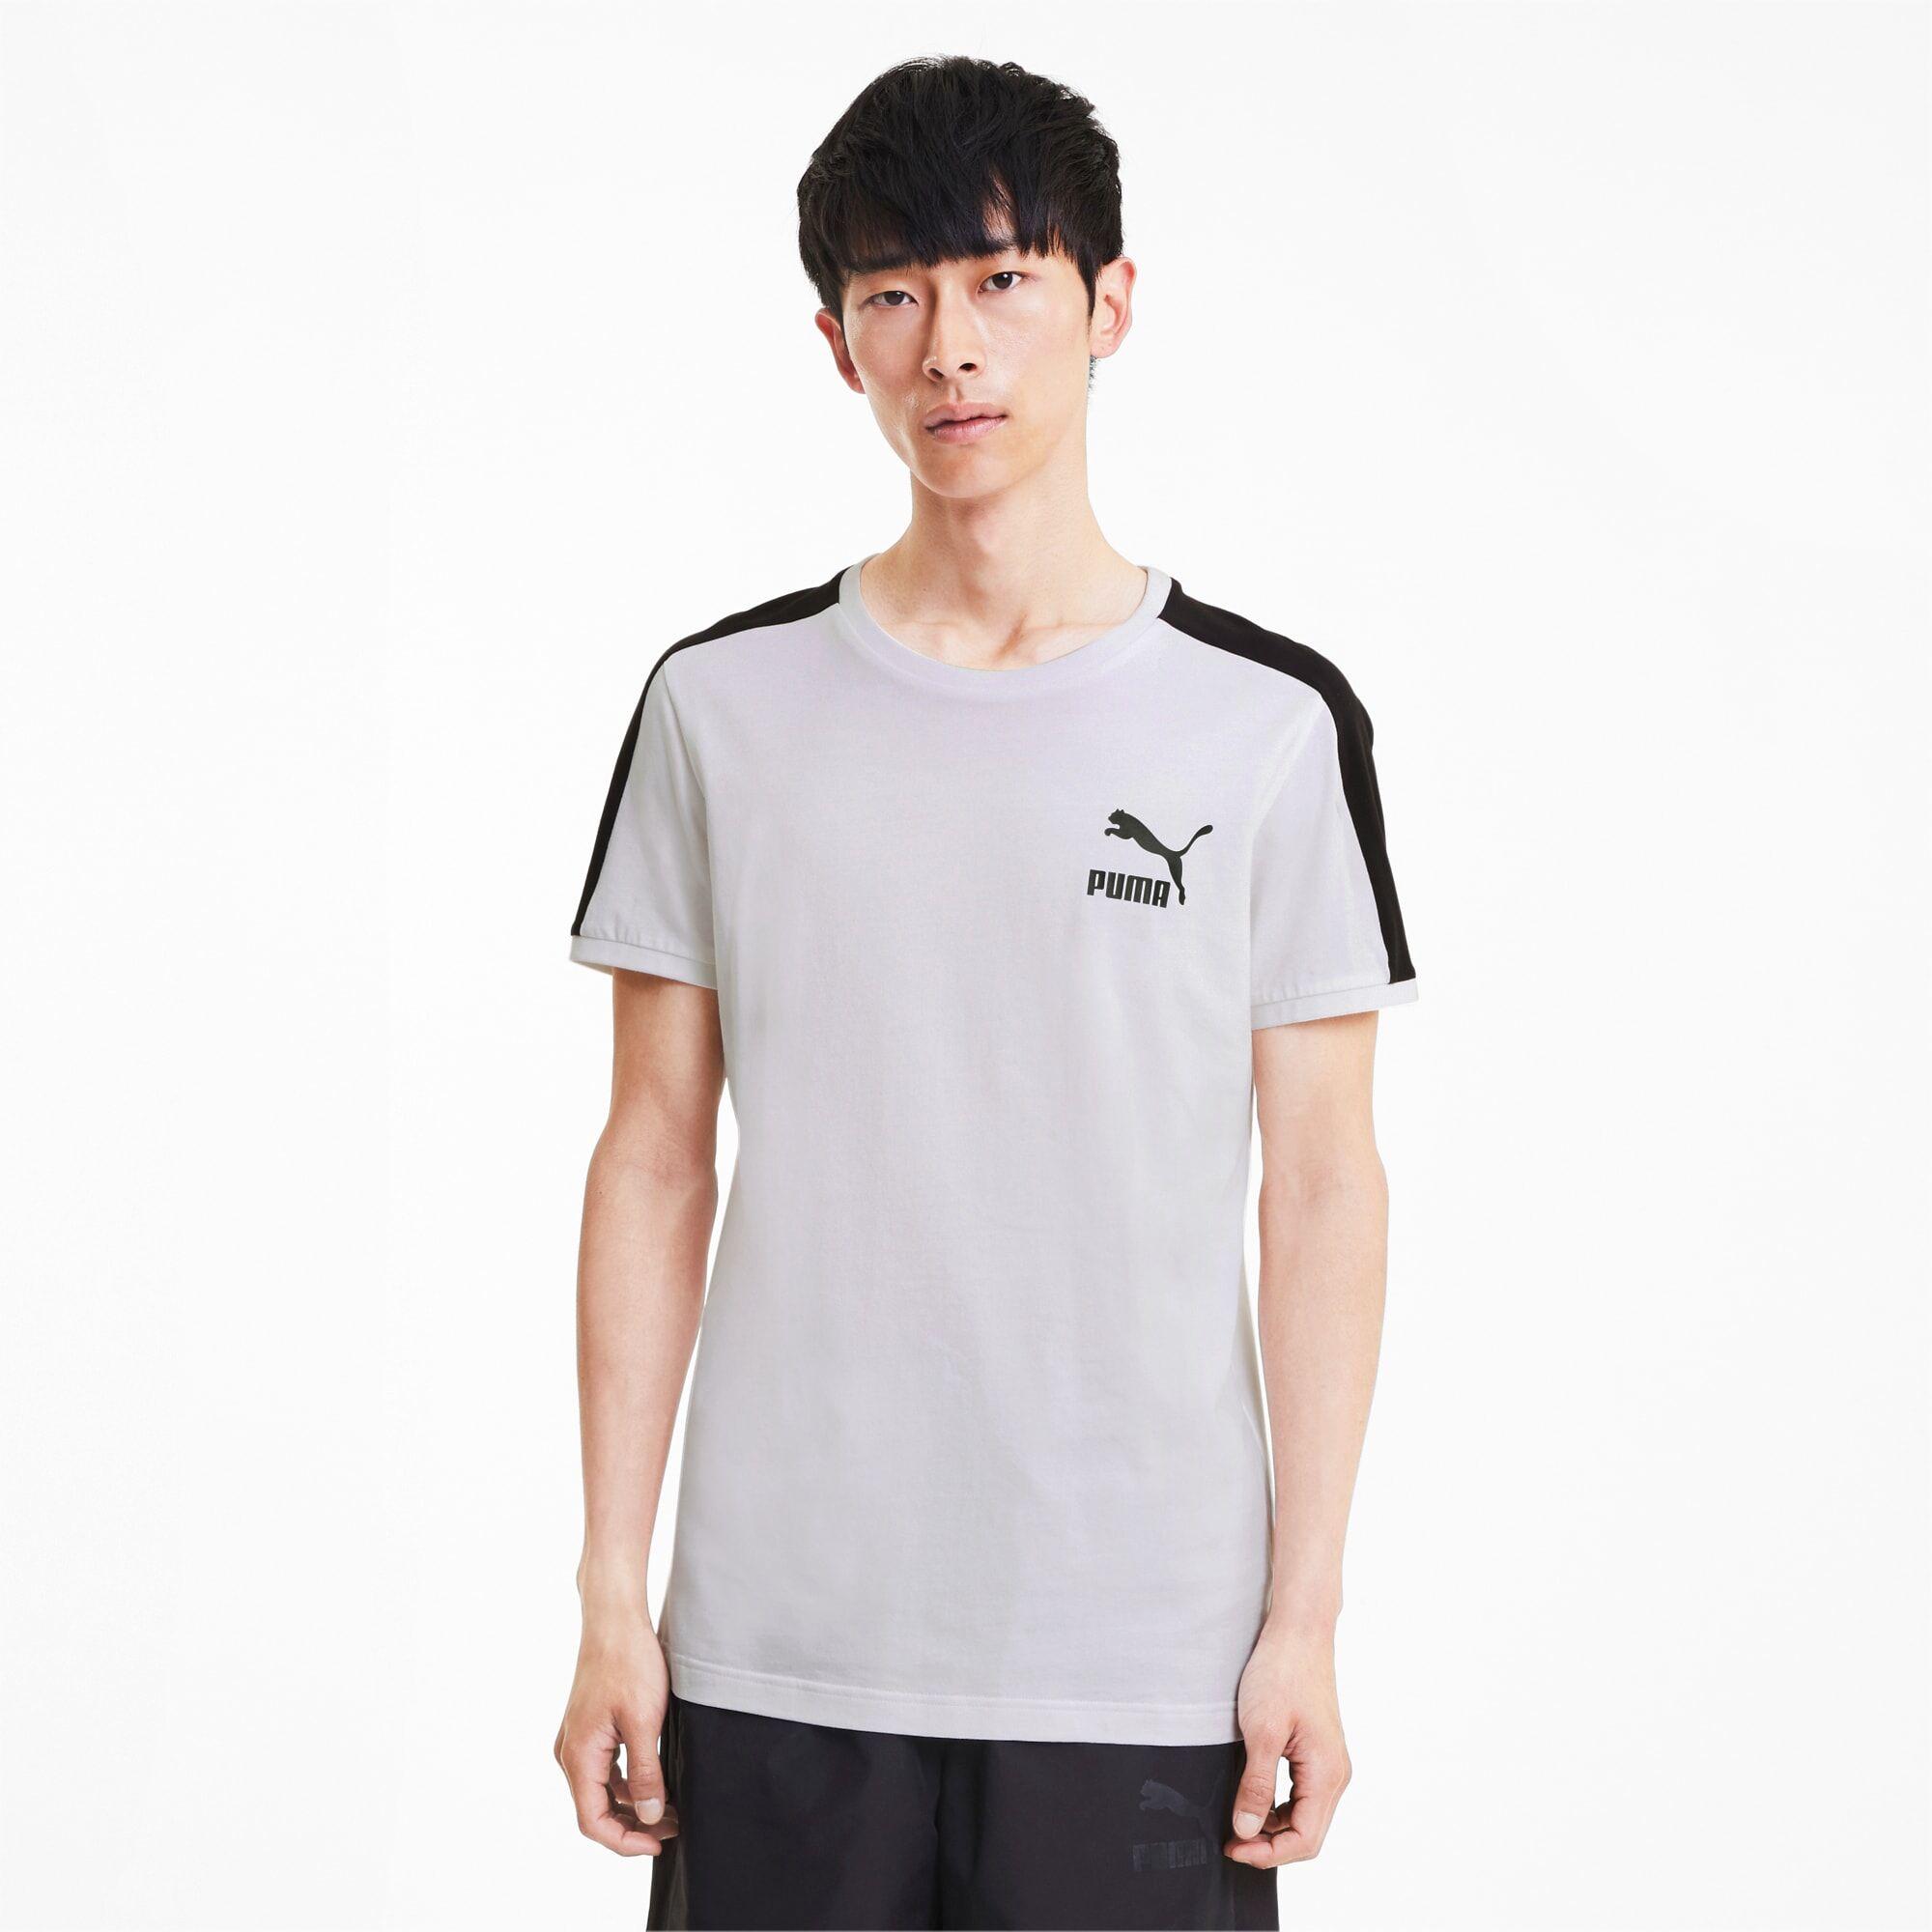 PUMA T-Shirt Iconic T7 Slim pour Homme, Blanc, Taille 5XL, Vêtements